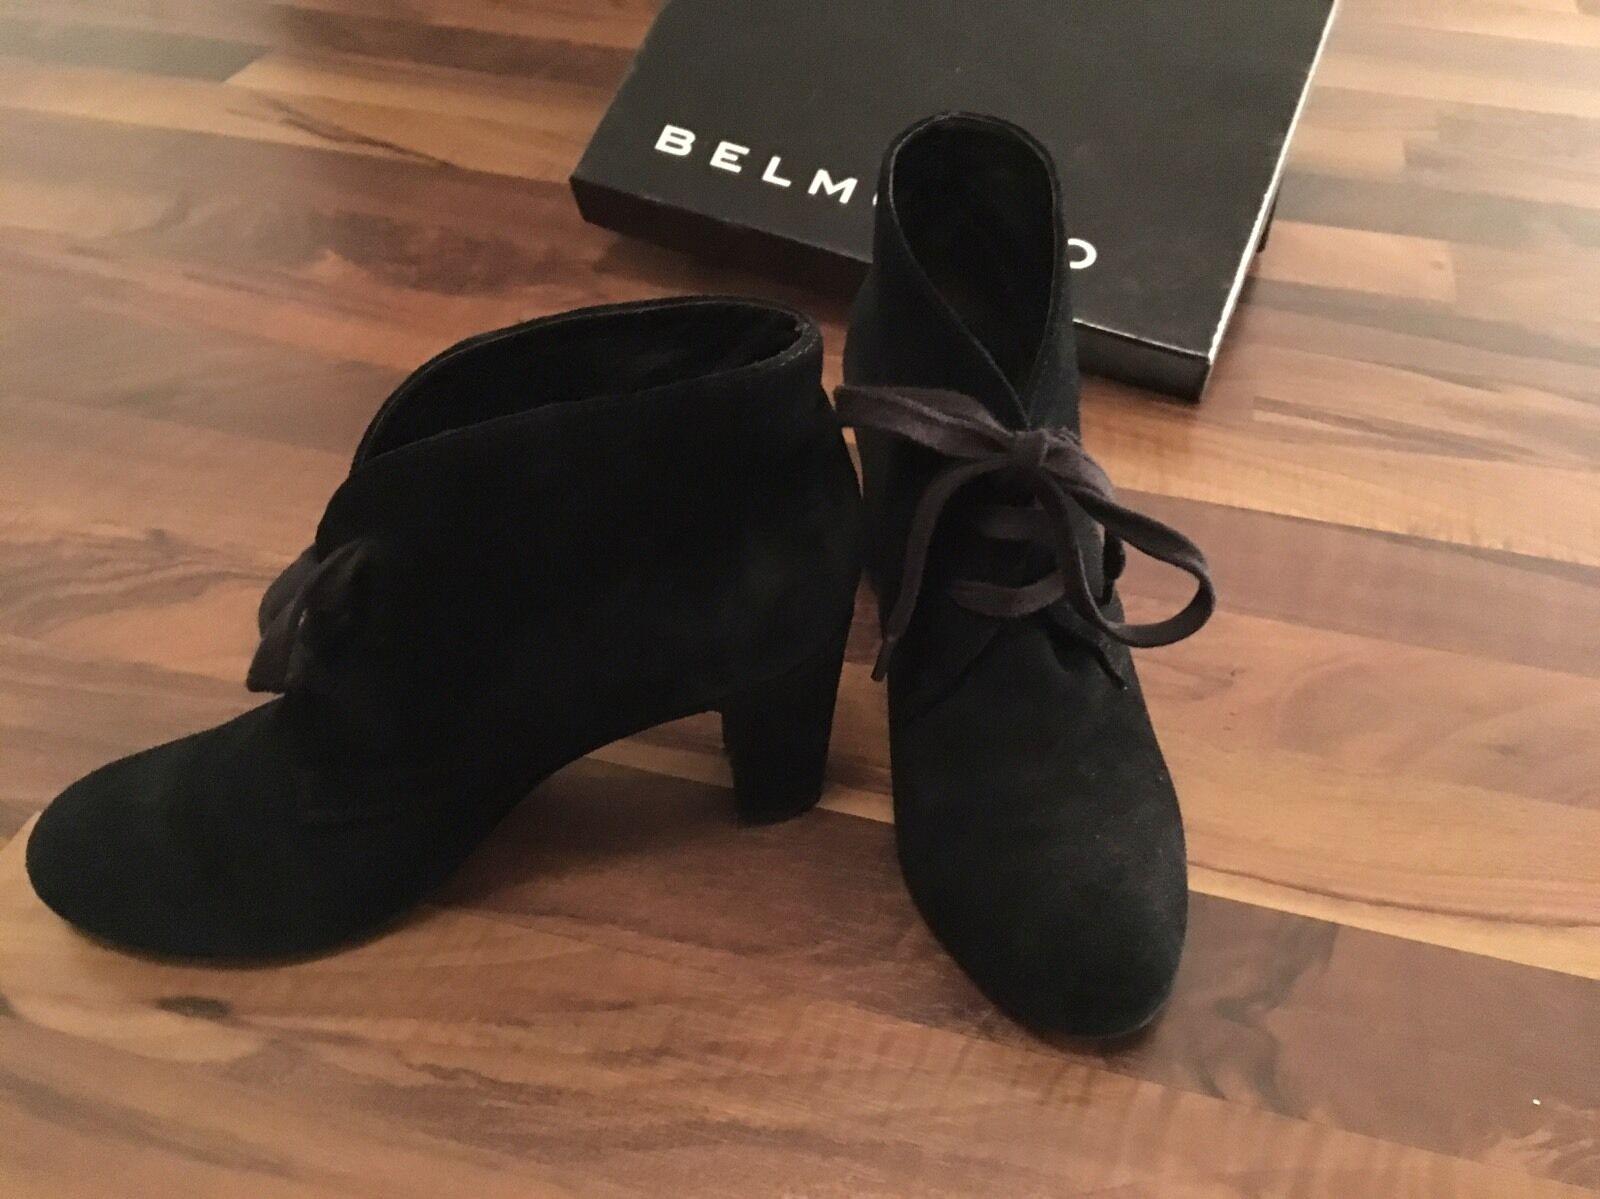 Belmondo Wildleder Stiefeletten Bootie Bootie Stiefeletten schwarz 38 bfbcc8